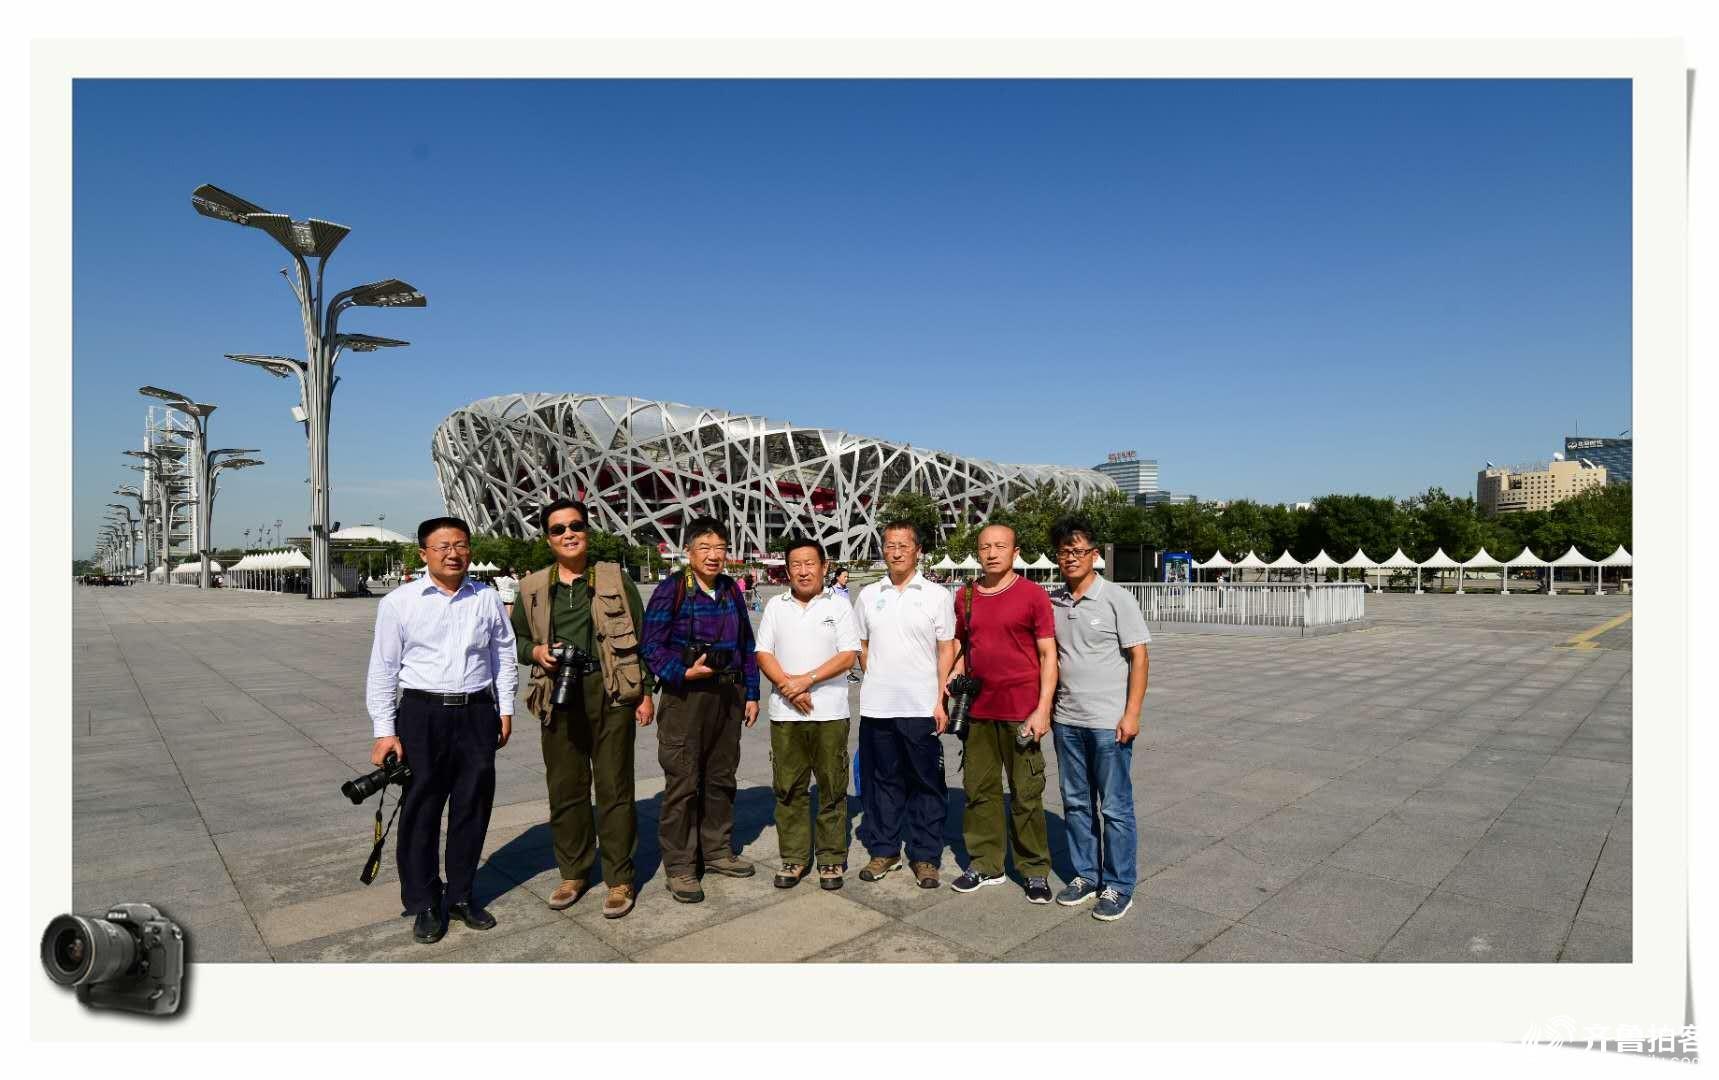 每日一片(2407)庆祝十九大 郓城摄影协会会员自费举办摄影展